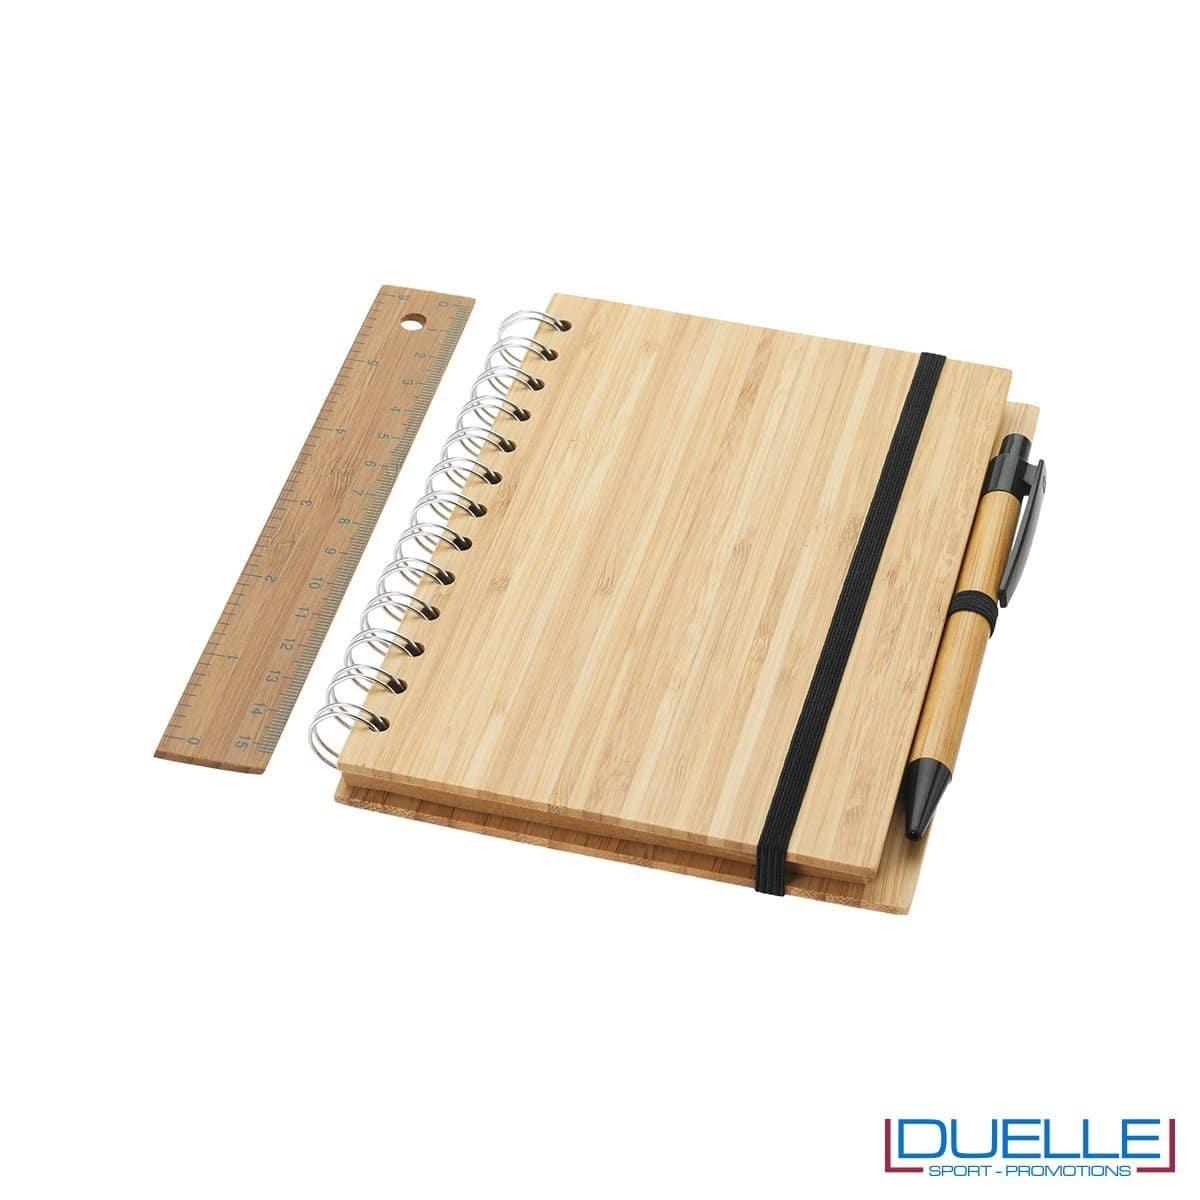 blocco per appunti personalizzato in bambu, gadget ecologici